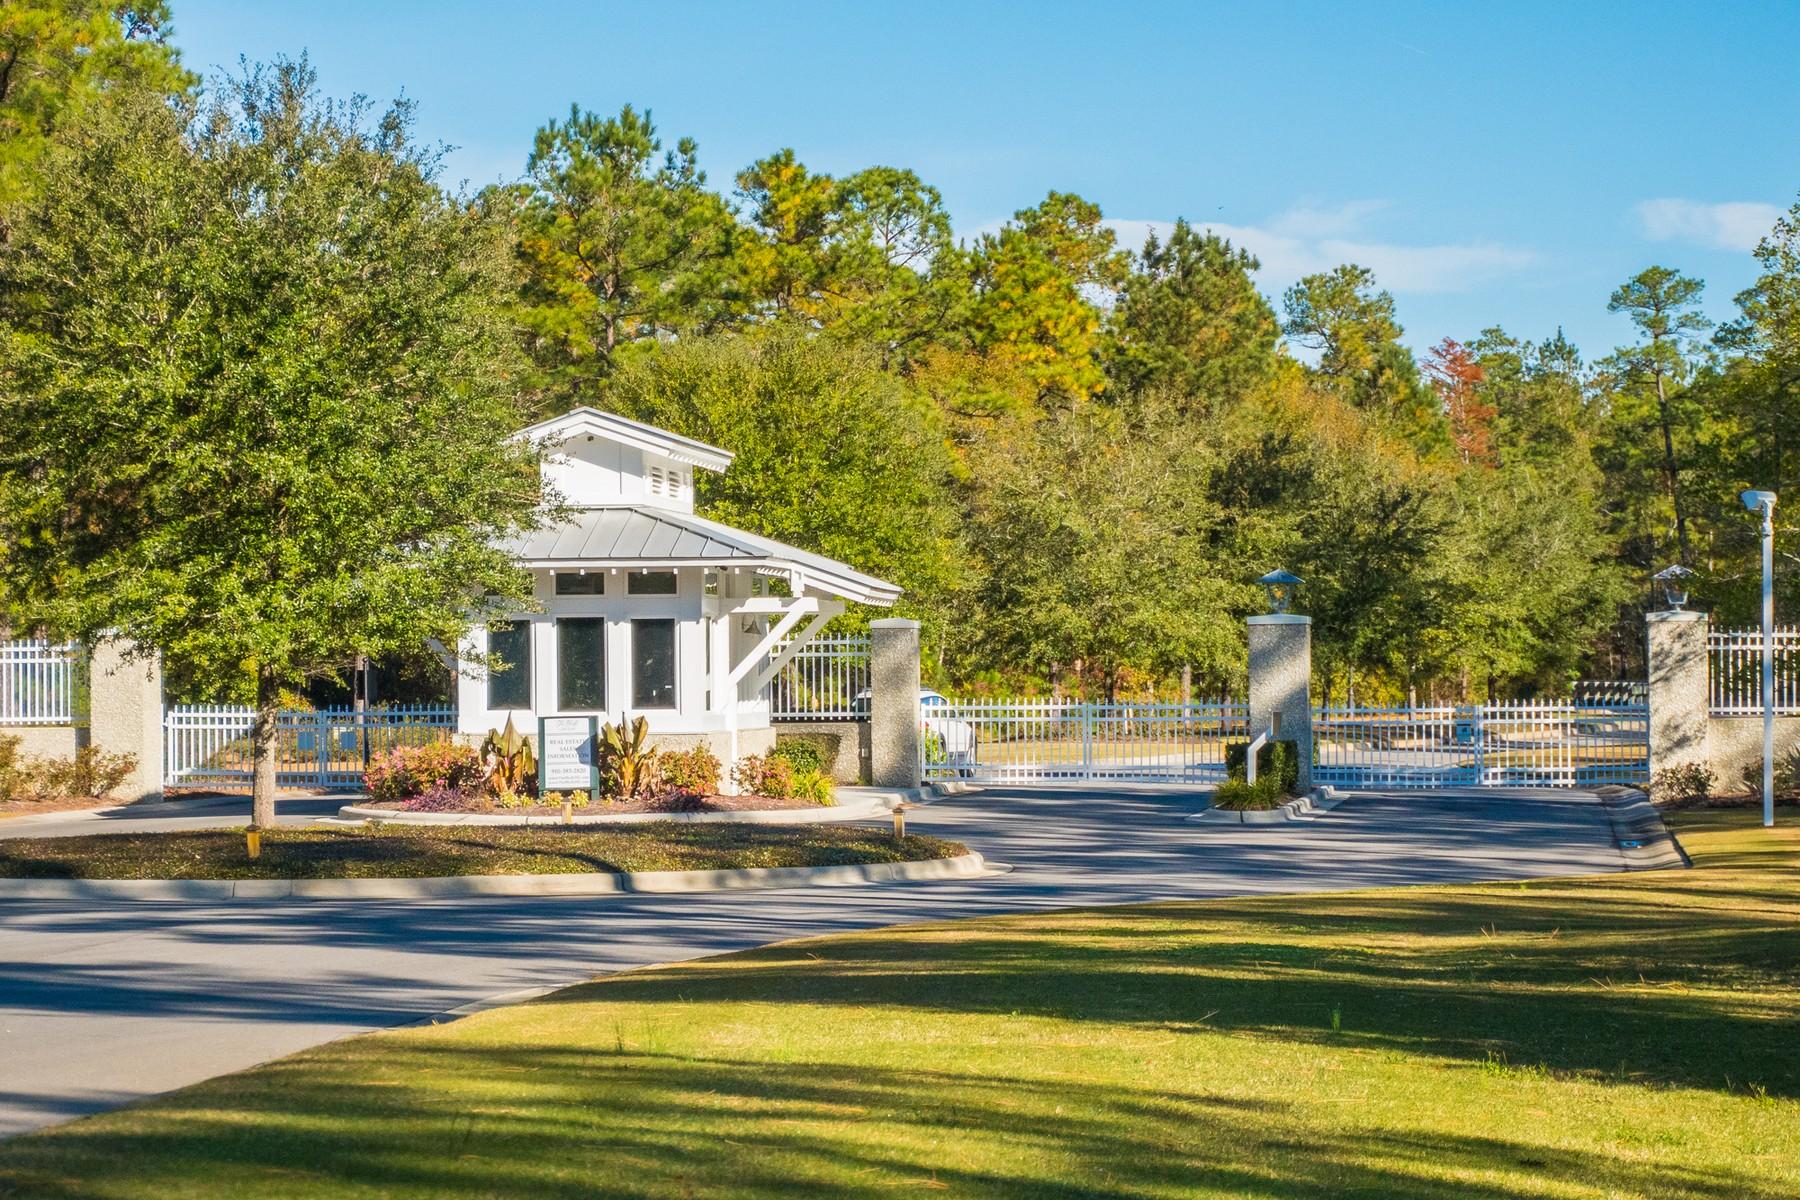 أراضي للـ Sale في Discreet Wooded Lot In Gated Riverfront Community 9612 Fallen Pear Lane NE, Leland, North Carolina, 28451 United States